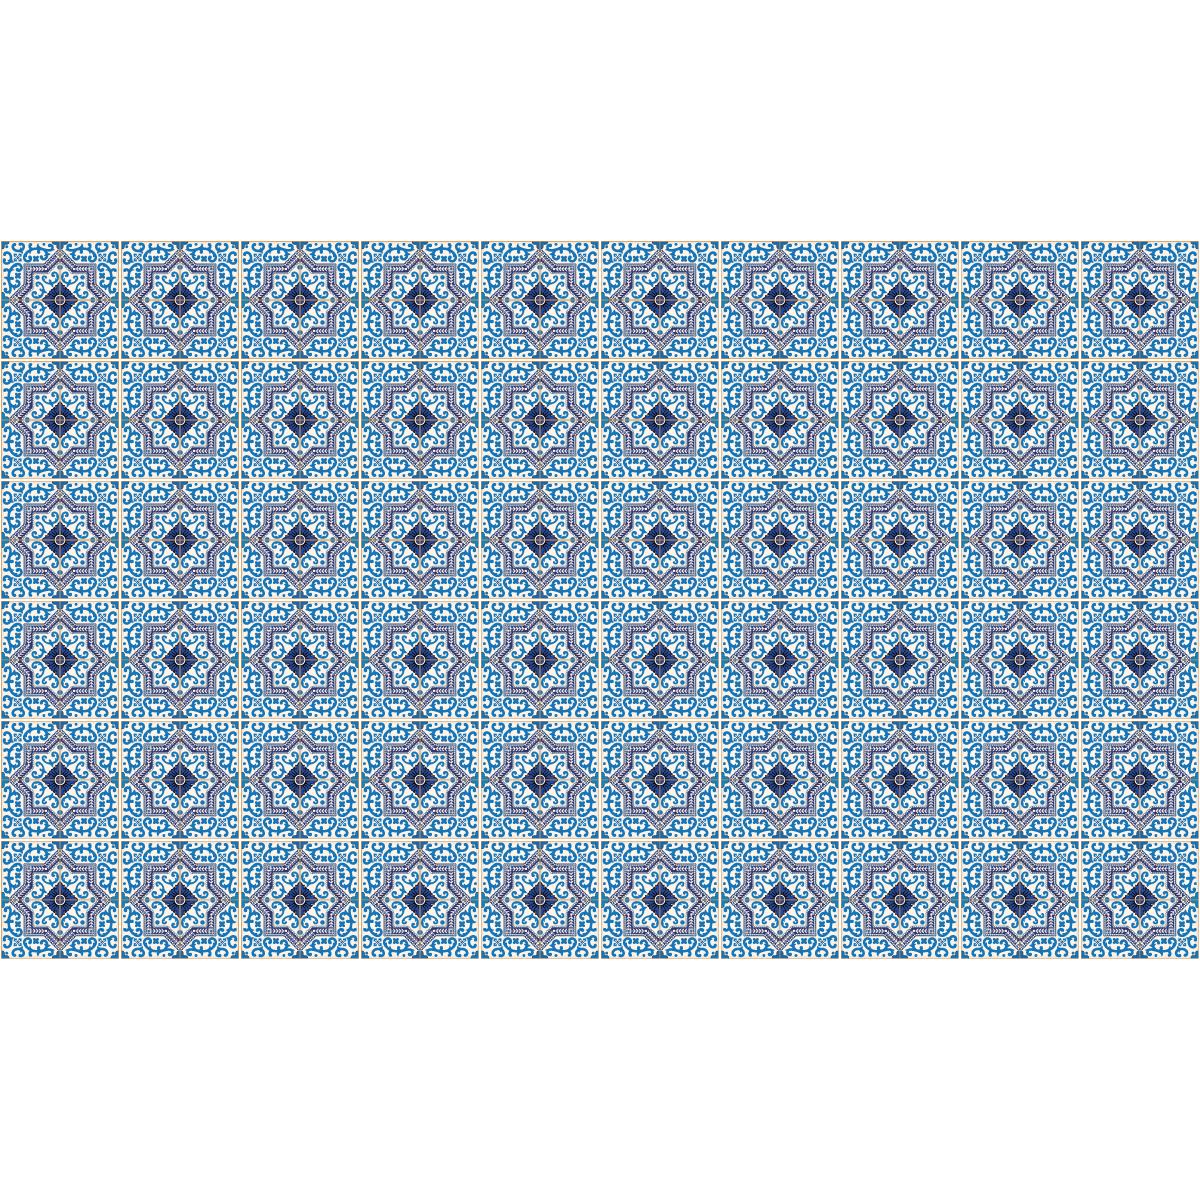 60 stickers carreaux de ciment azulejos romero salle de bain et wc salle de bain ambiance. Black Bedroom Furniture Sets. Home Design Ideas